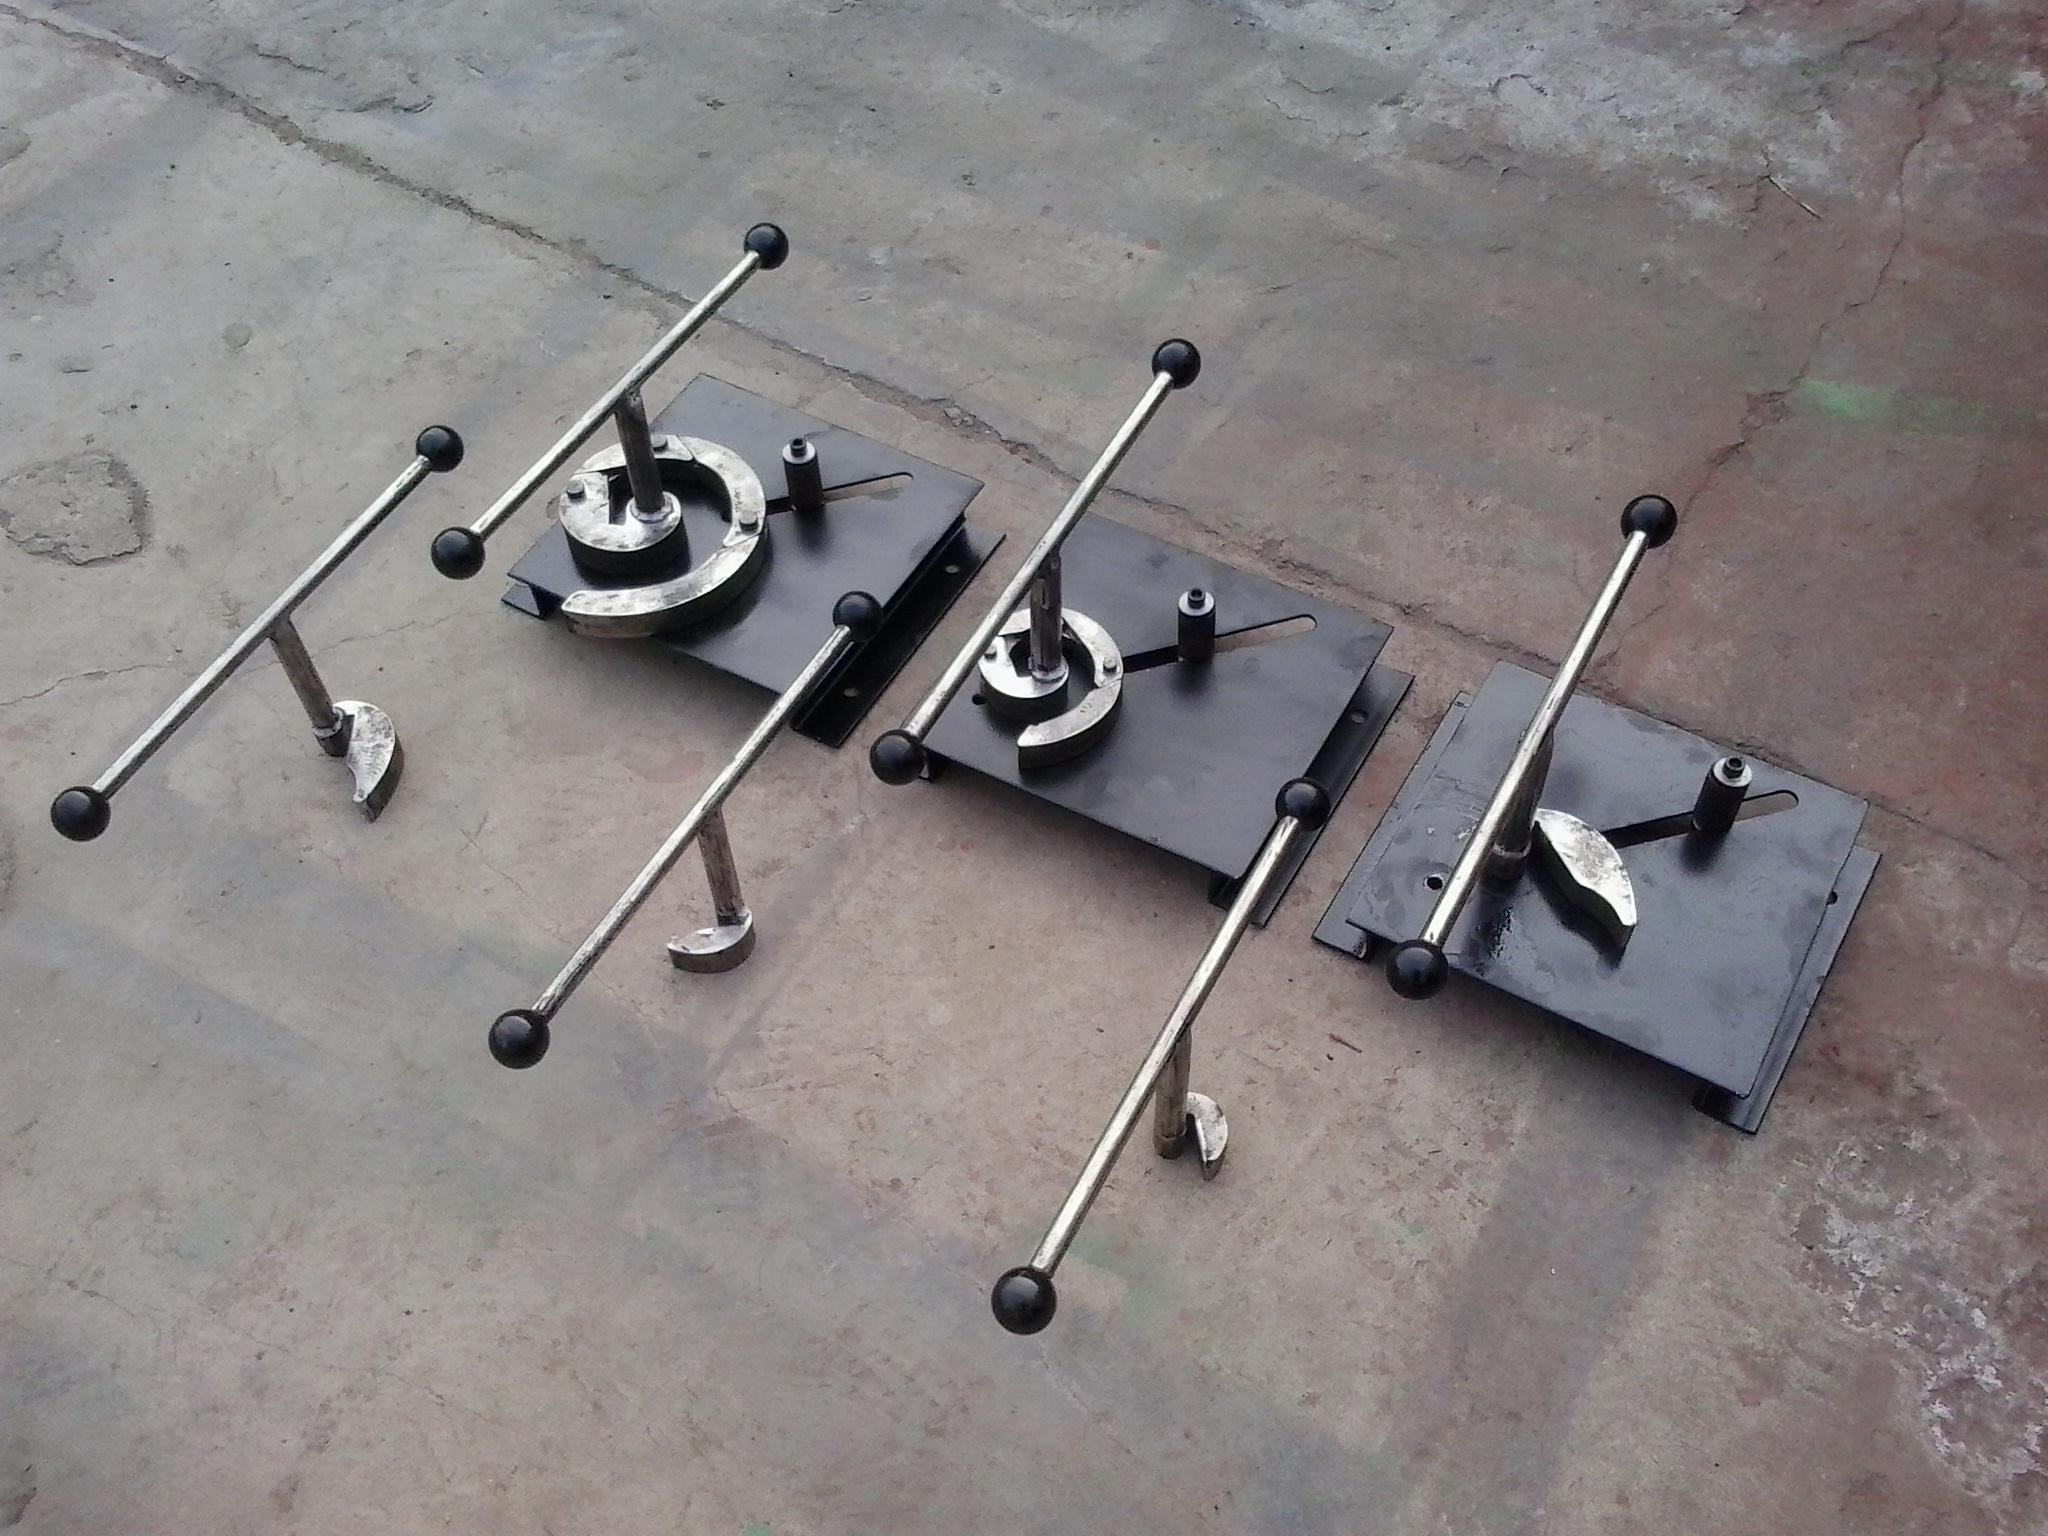 คู่มือการใช้เครื่องดัดเหล็กเหล็ก 6 ชุดอุปกรณ์เครื่องจักรด้วยตนเองคู่มือเครื่องดอกไม้หมุน